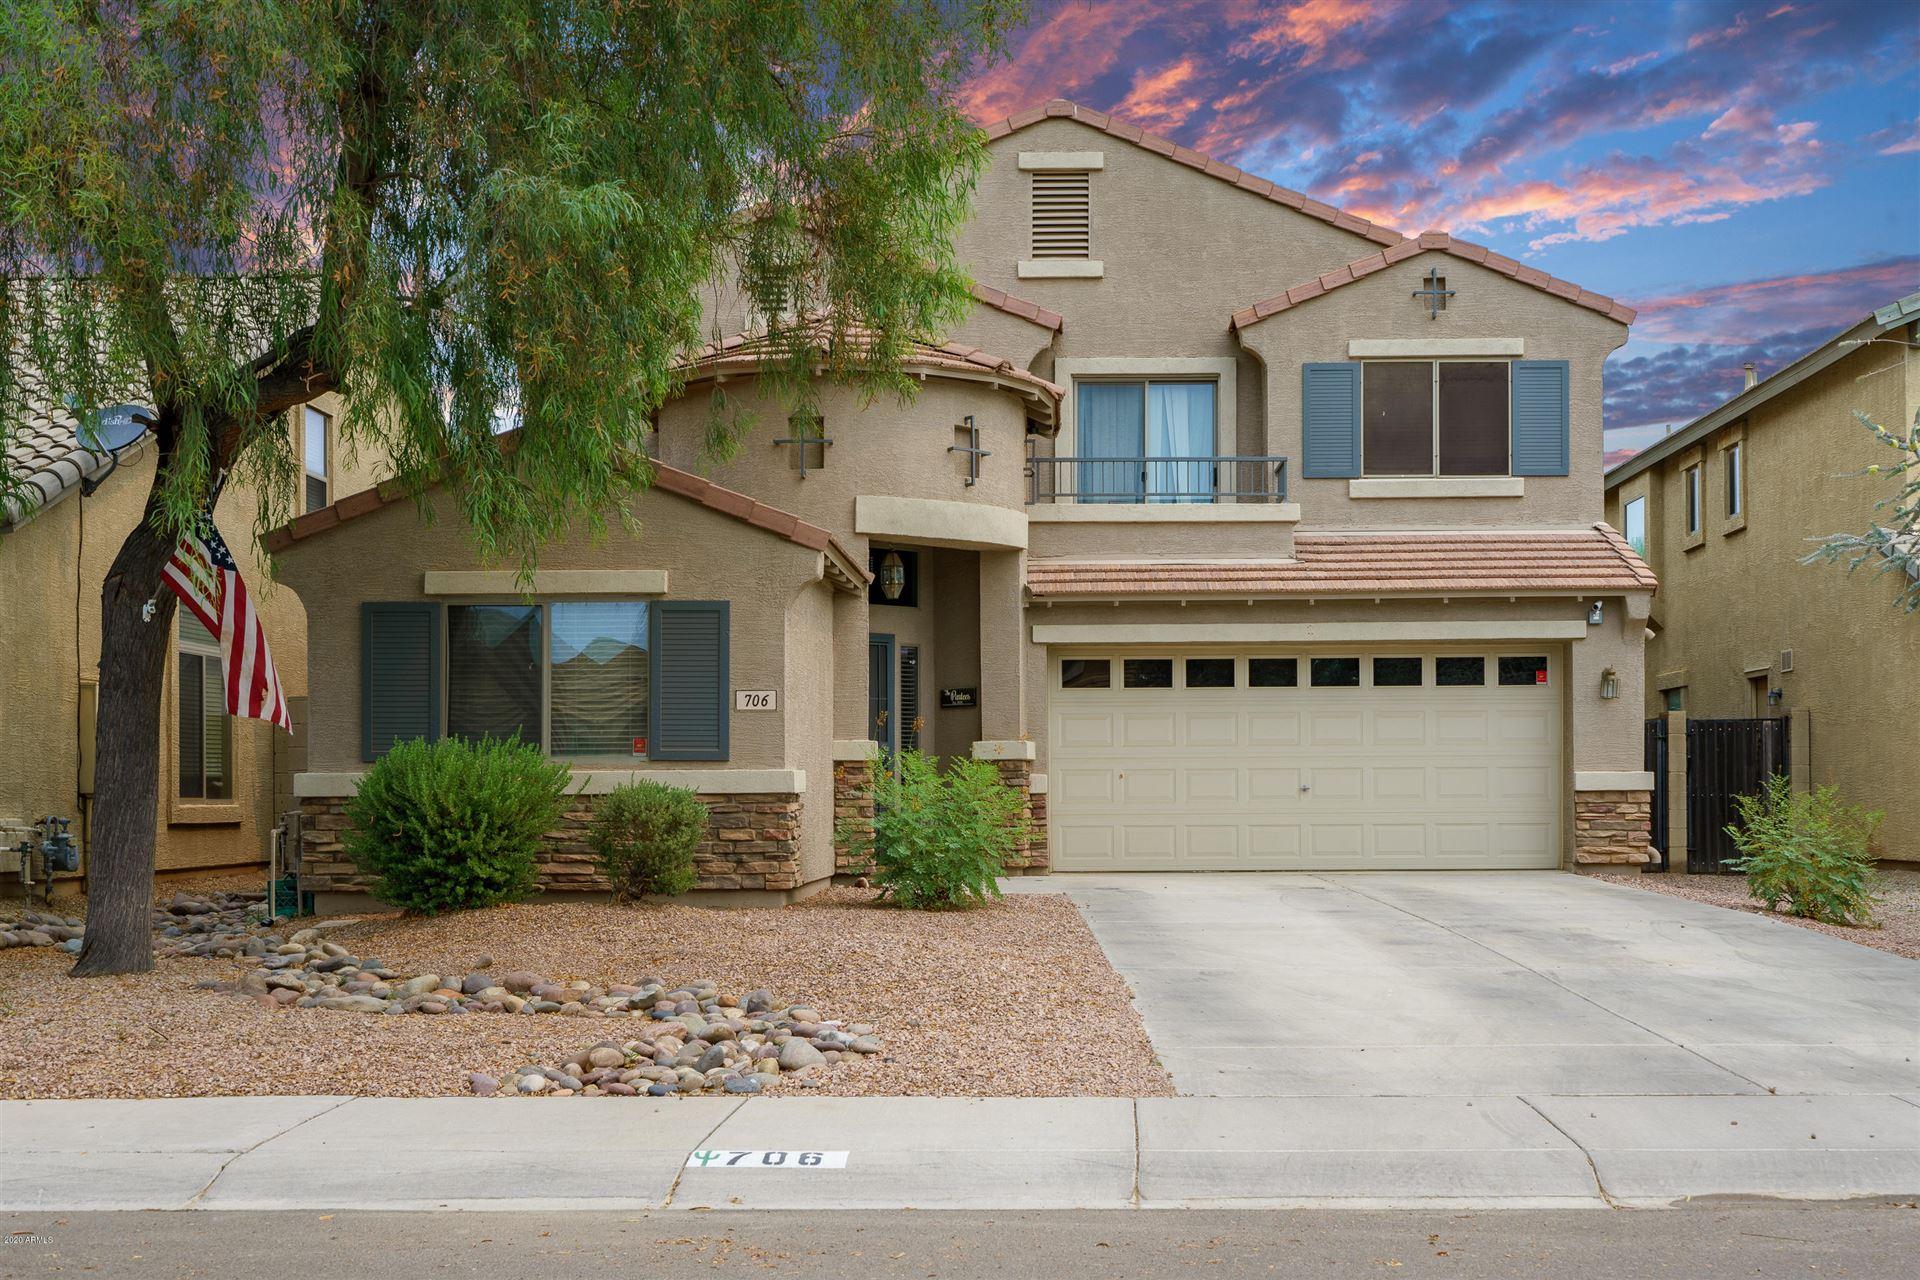 706 E DANIELLA Drive, San Tan Valley, AZ 85140 - MLS#: 6130387